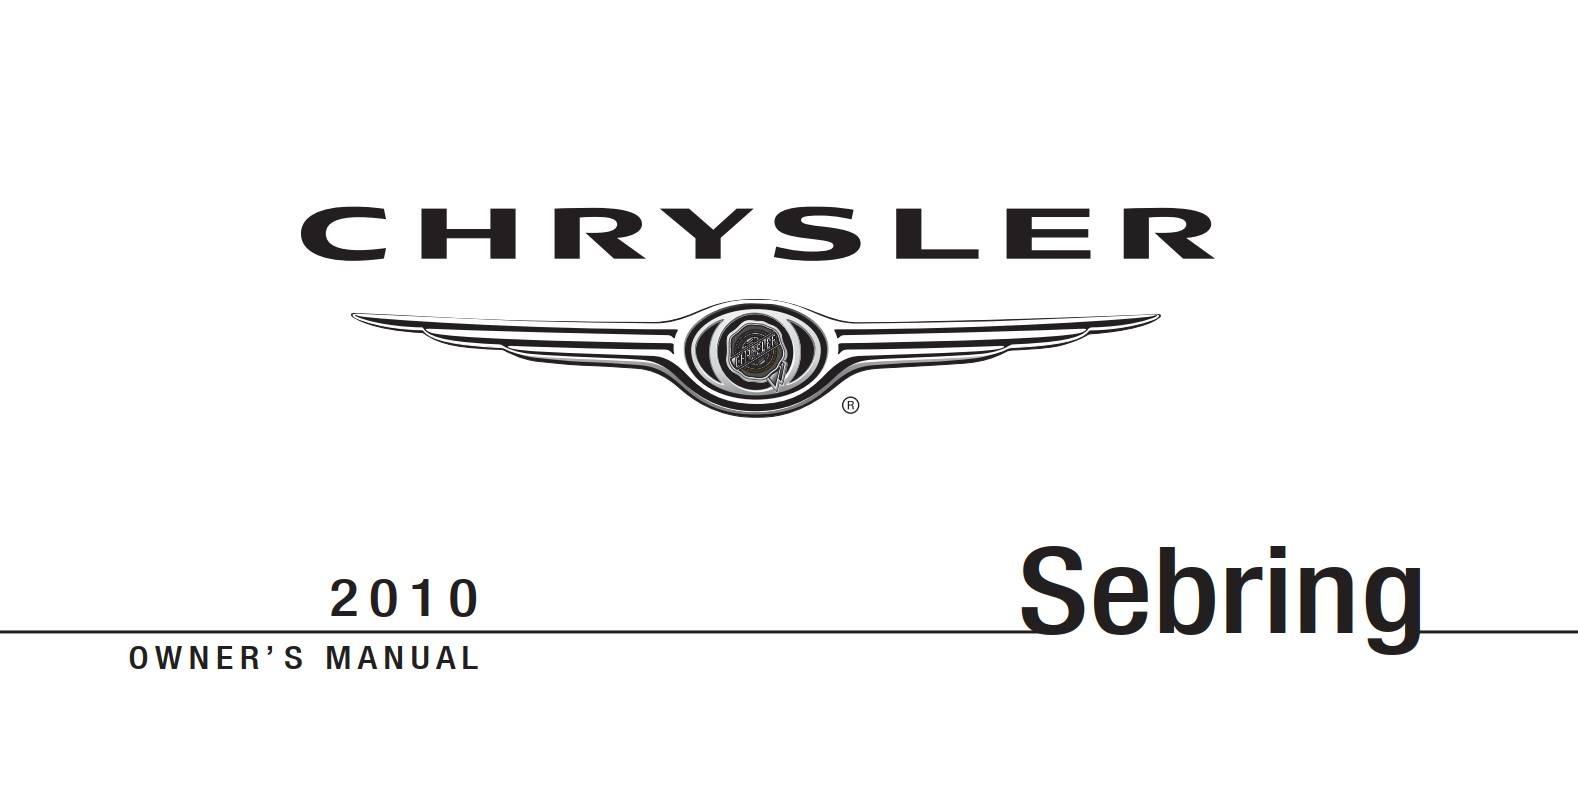 Chrysler Sebring 2010 Owner's Manual